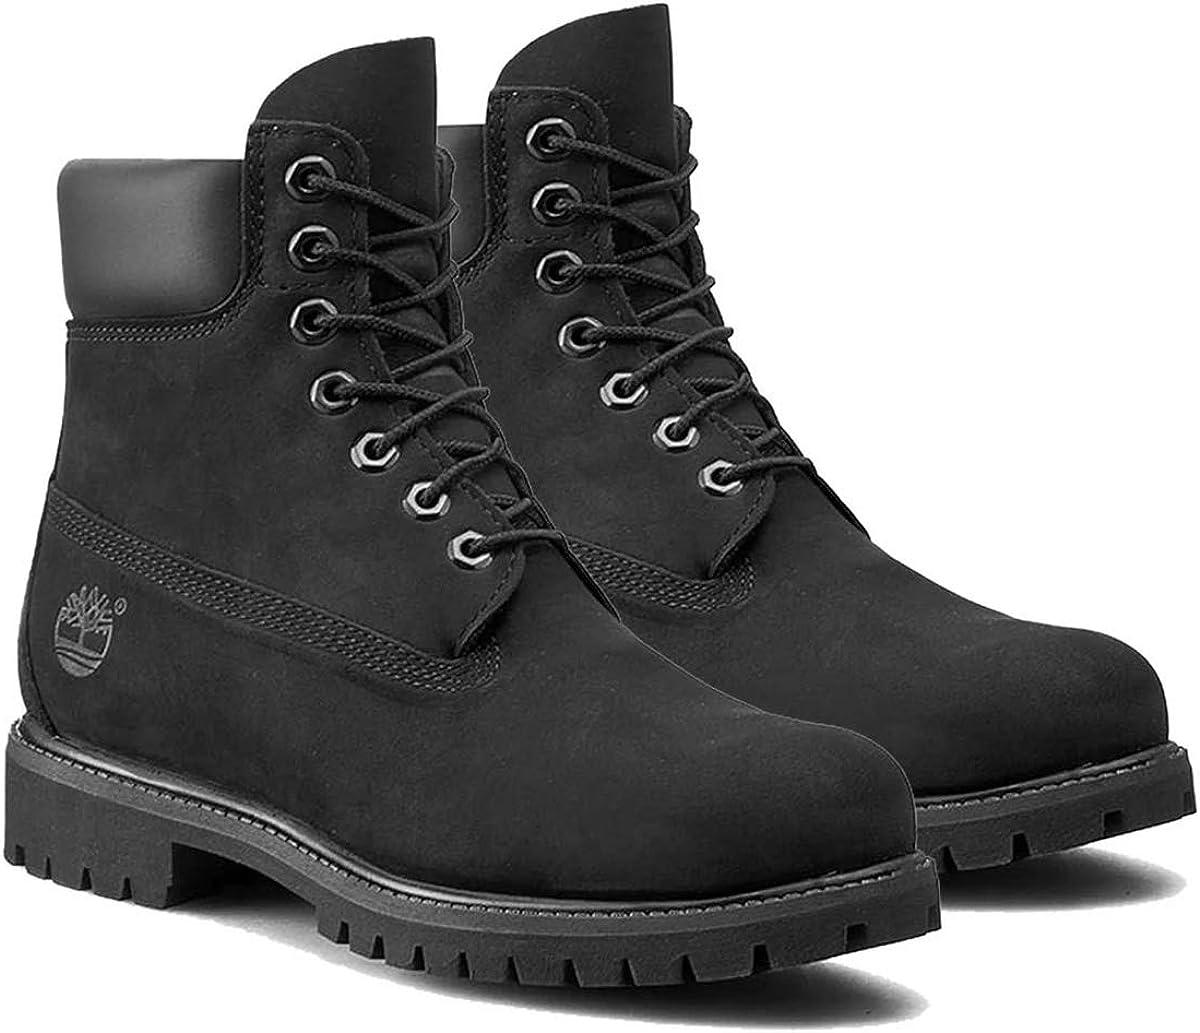 [ティンバーランド] 6INCH PREMIUM WATERPROOF BOOTS ブーツ 6インチ プレミアム ウォータープルーフ 防水 ブラック 黒 10073